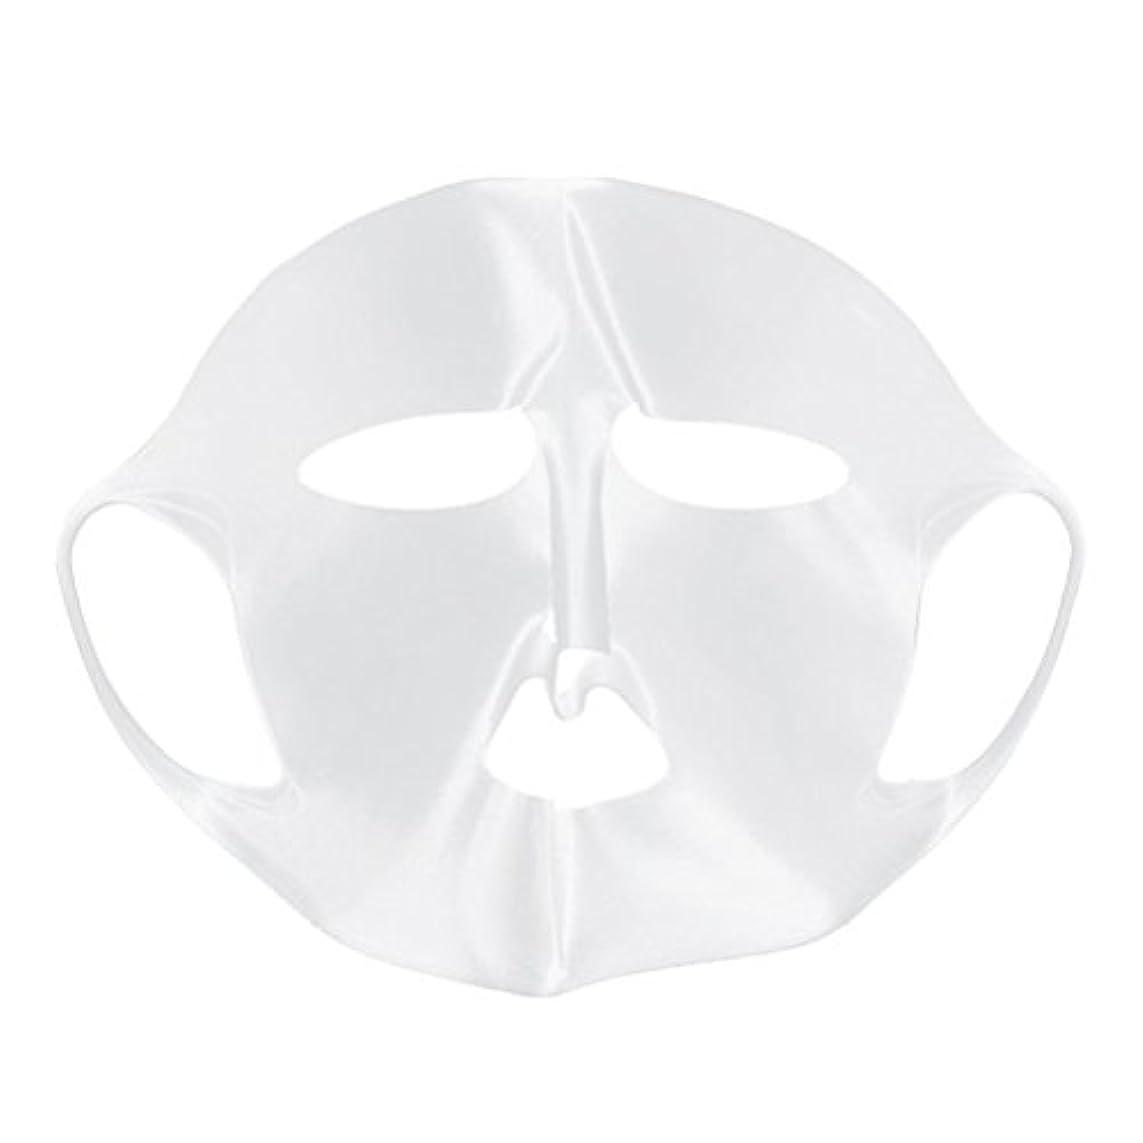 整然としたランドマークご意見Beaupretty シートマスクカバーのためのシリコーンの再使用可能な顔のマスクカバー顔の保湿マスク